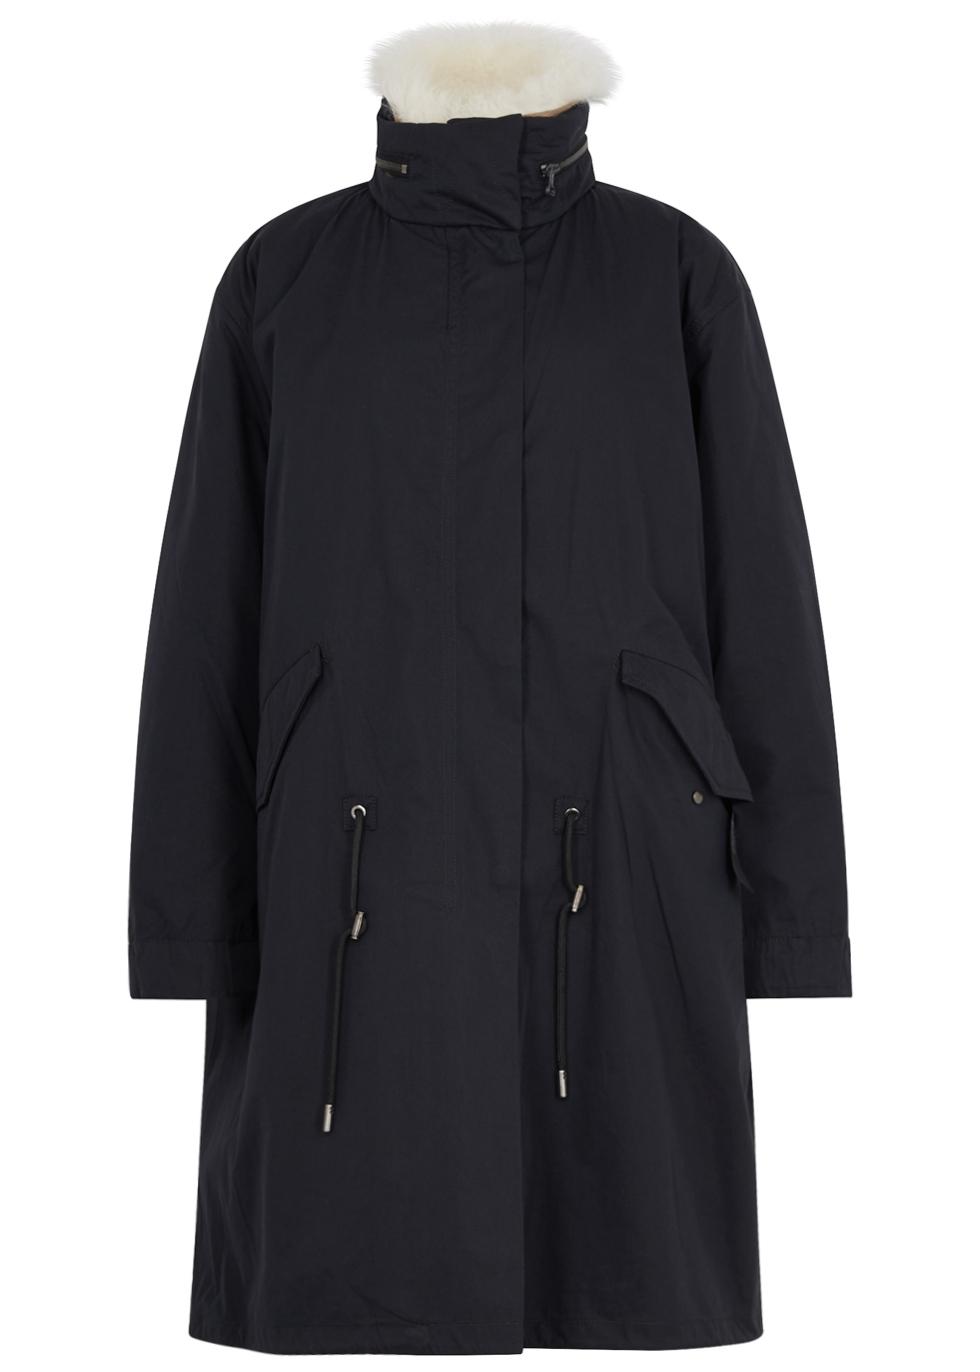 Designer Clothings   Women S Designer Clothing Dresses And Luxury Fashion Harvey Nichols